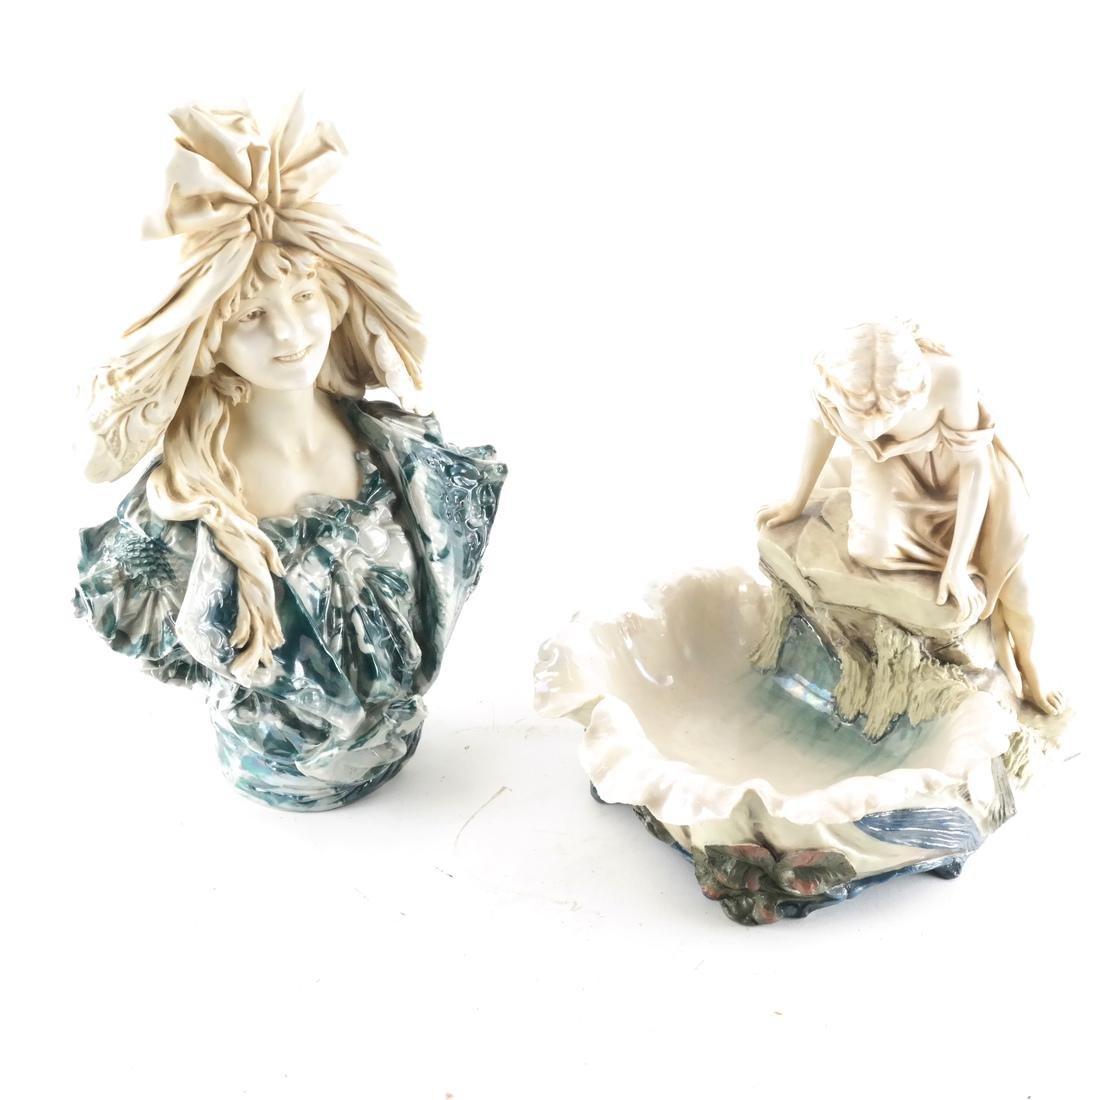 Two Royal Dux Ceramic Sculptures